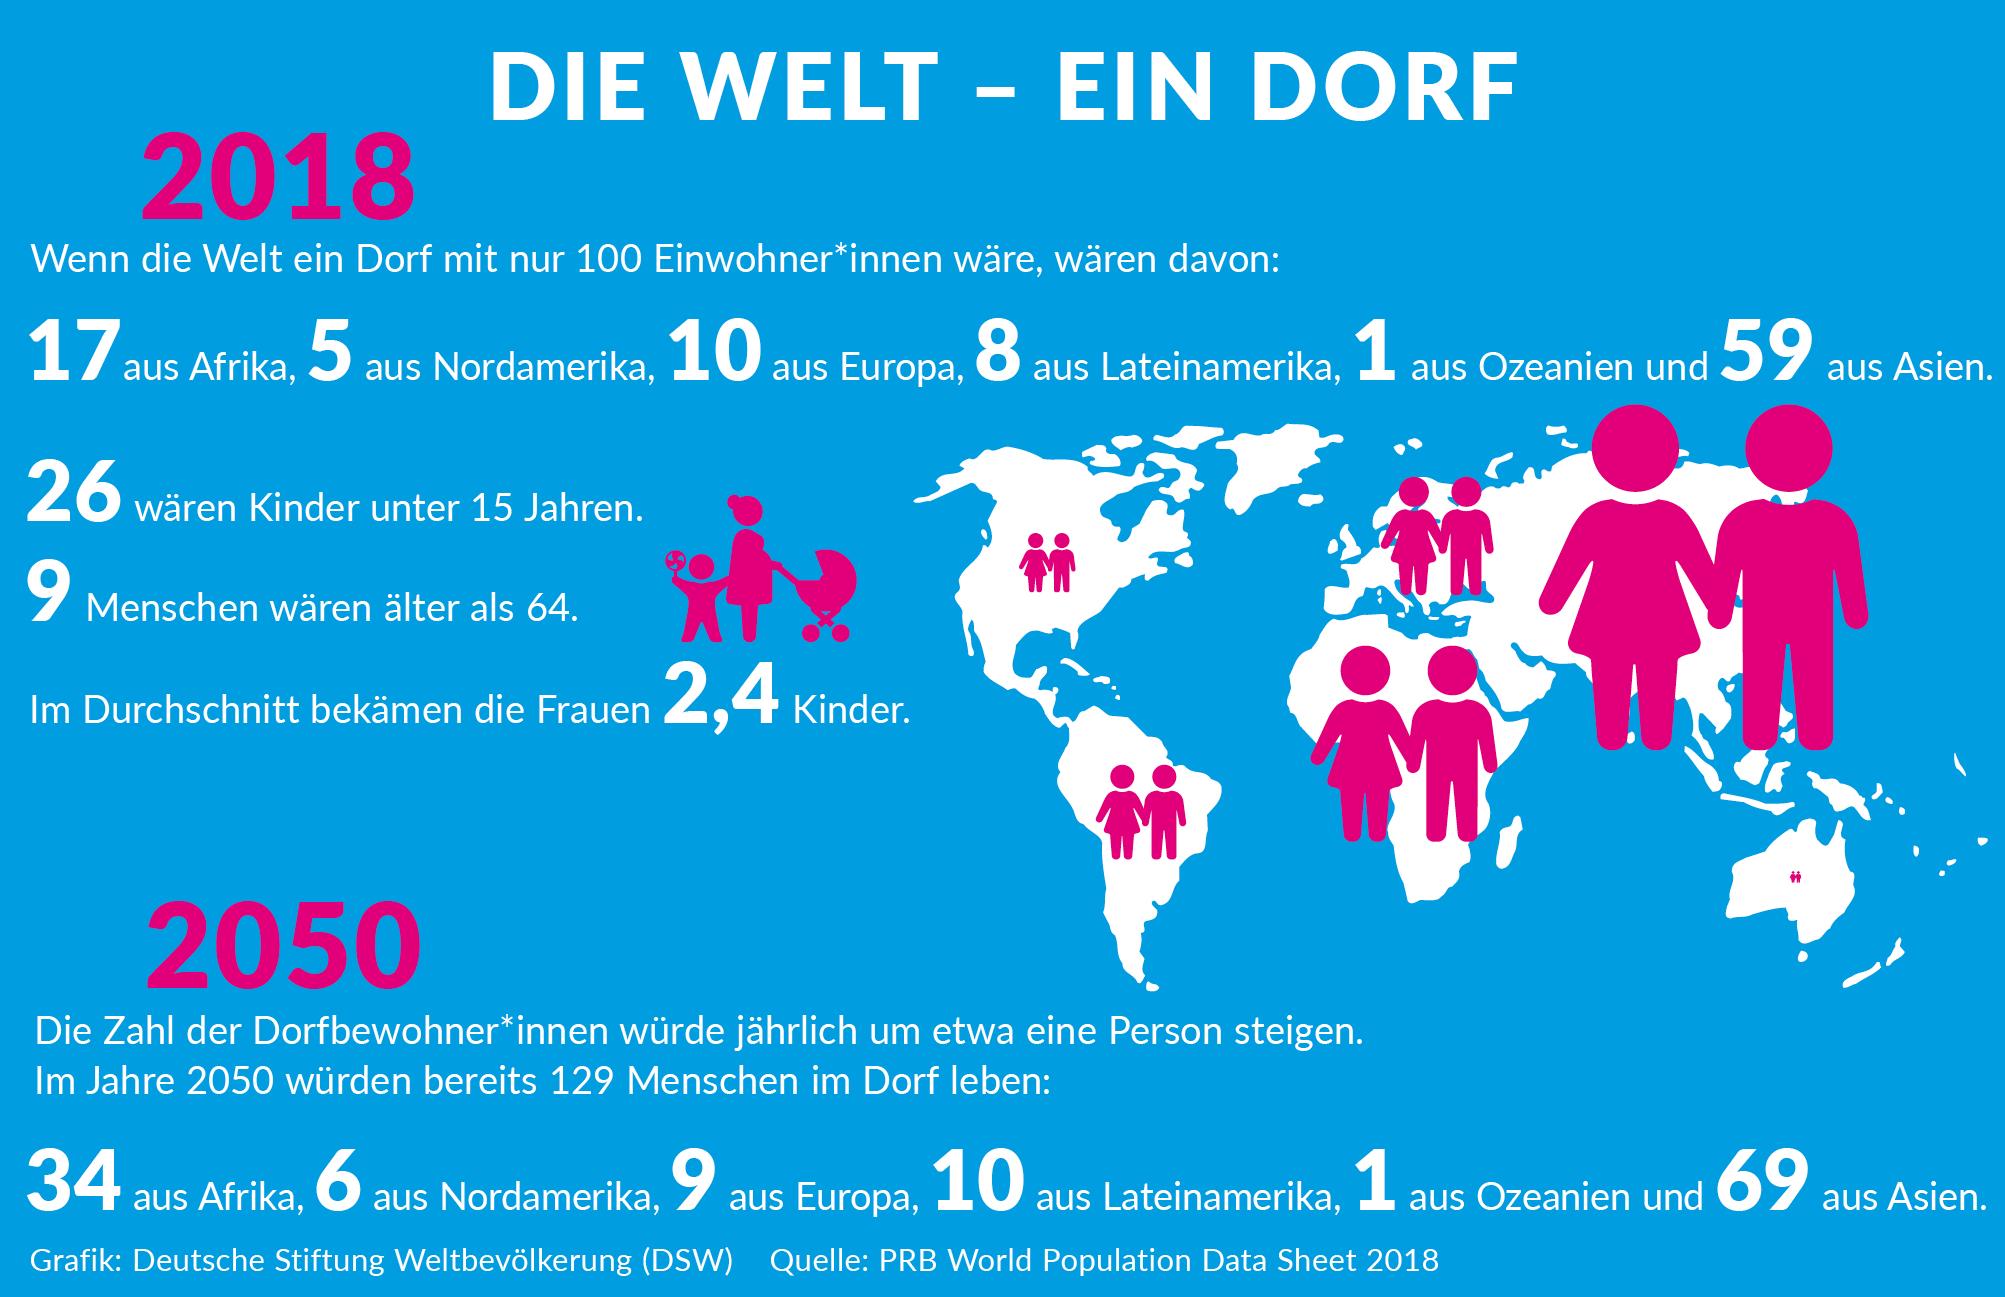 Zu Beginn Des Neuen Jahres Lebten 7.674.575.000 Menschen Auf über Wie Viele Menschen Wohnen Auf Der Erde